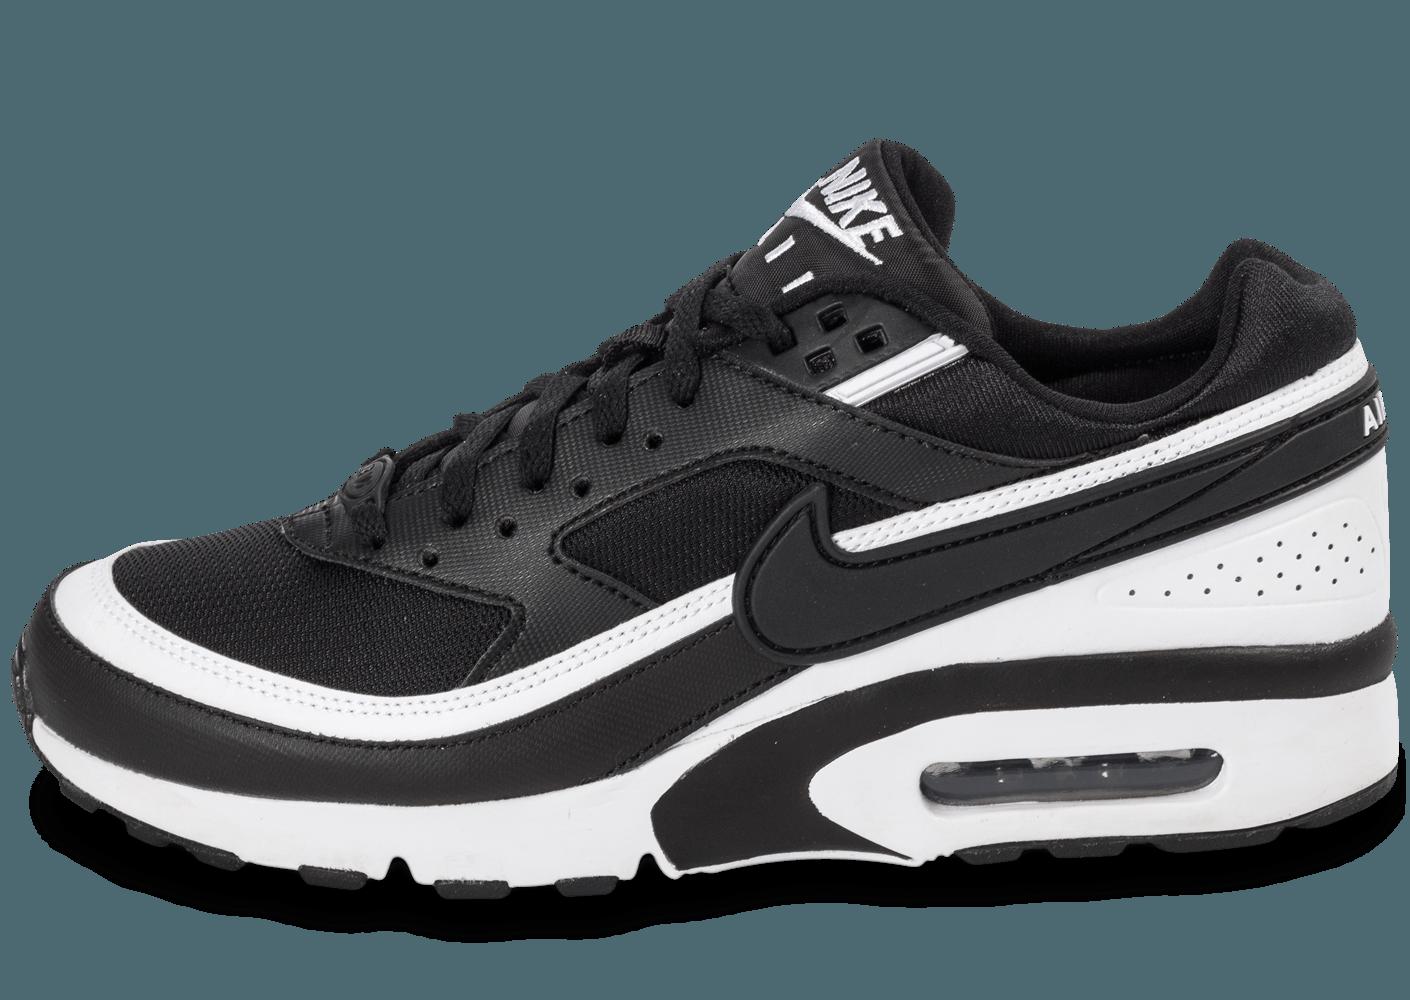 online store 792c1 9aaff Bon marché air max bw junior,nike air max classic bw outlet Bon marché et  bon 5mV0B54T ... Chaussures Nike Air Max BW Junior noire et blanche vue  arrière .